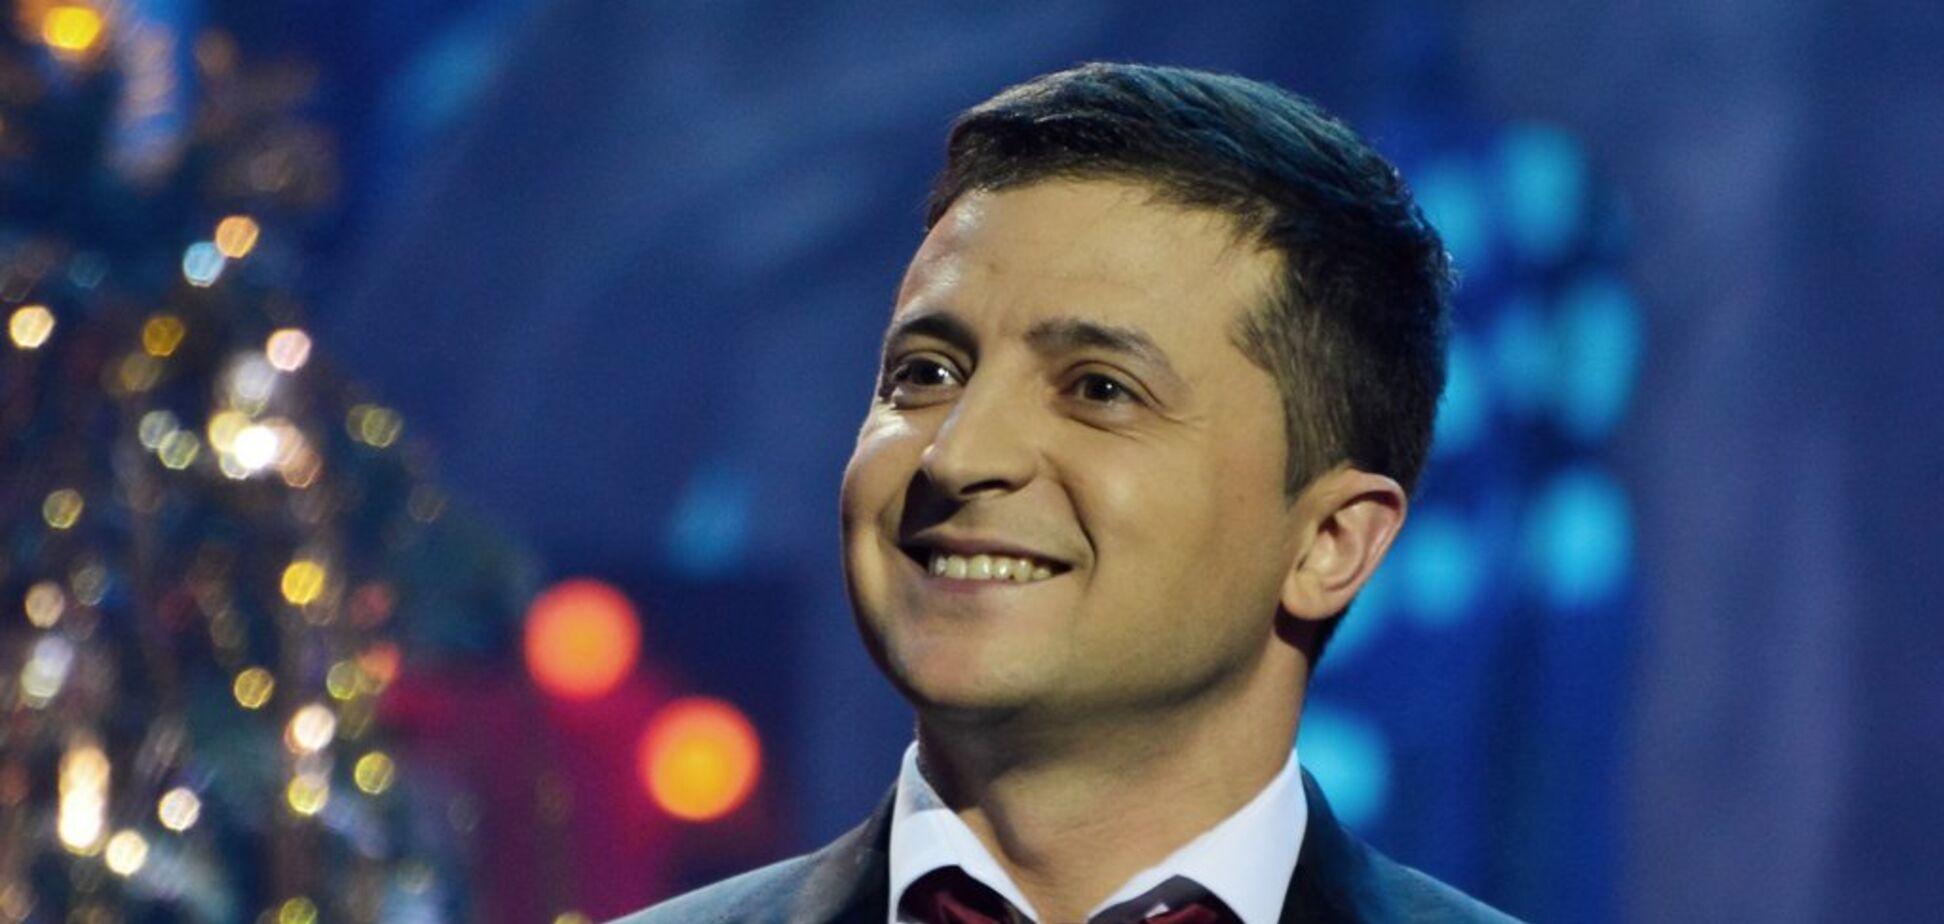 Зеленський розстріляв нардепів під пісню про кохання: спливло відео